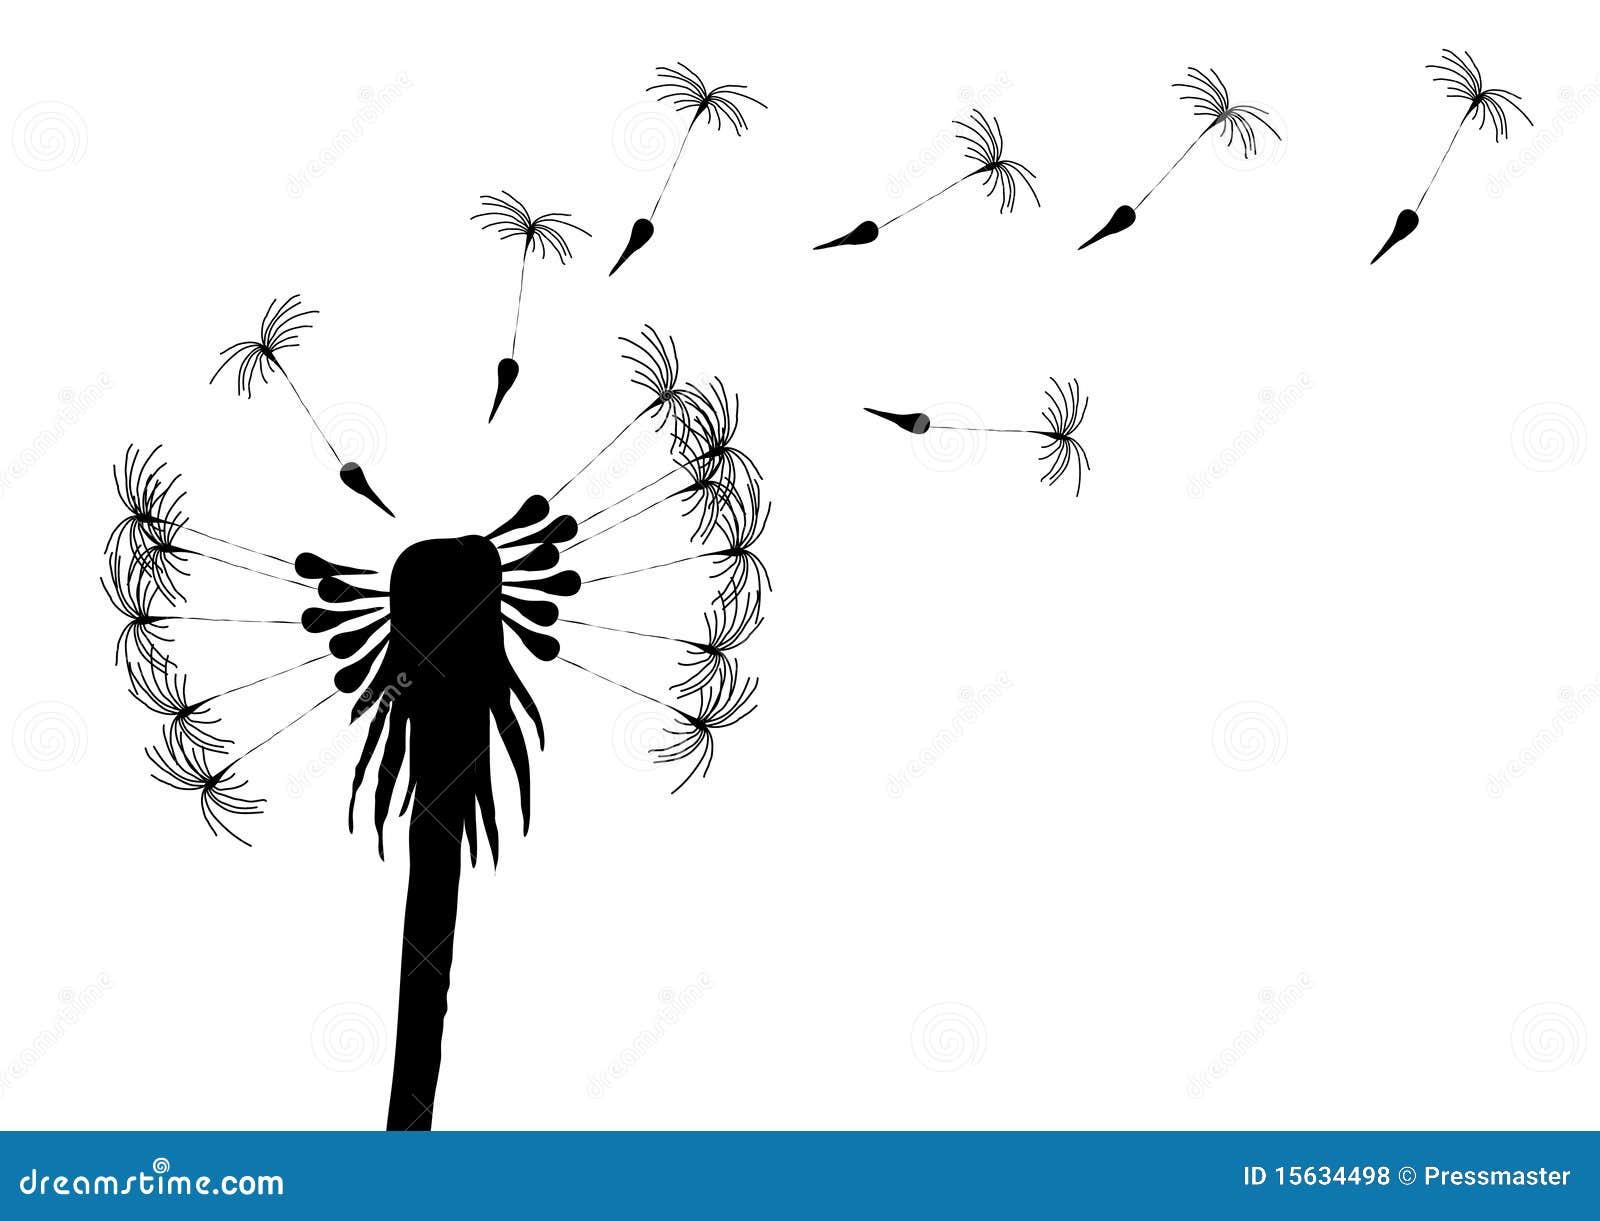 blowing dandelion stock illustration image of nature 15634498. Black Bedroom Furniture Sets. Home Design Ideas